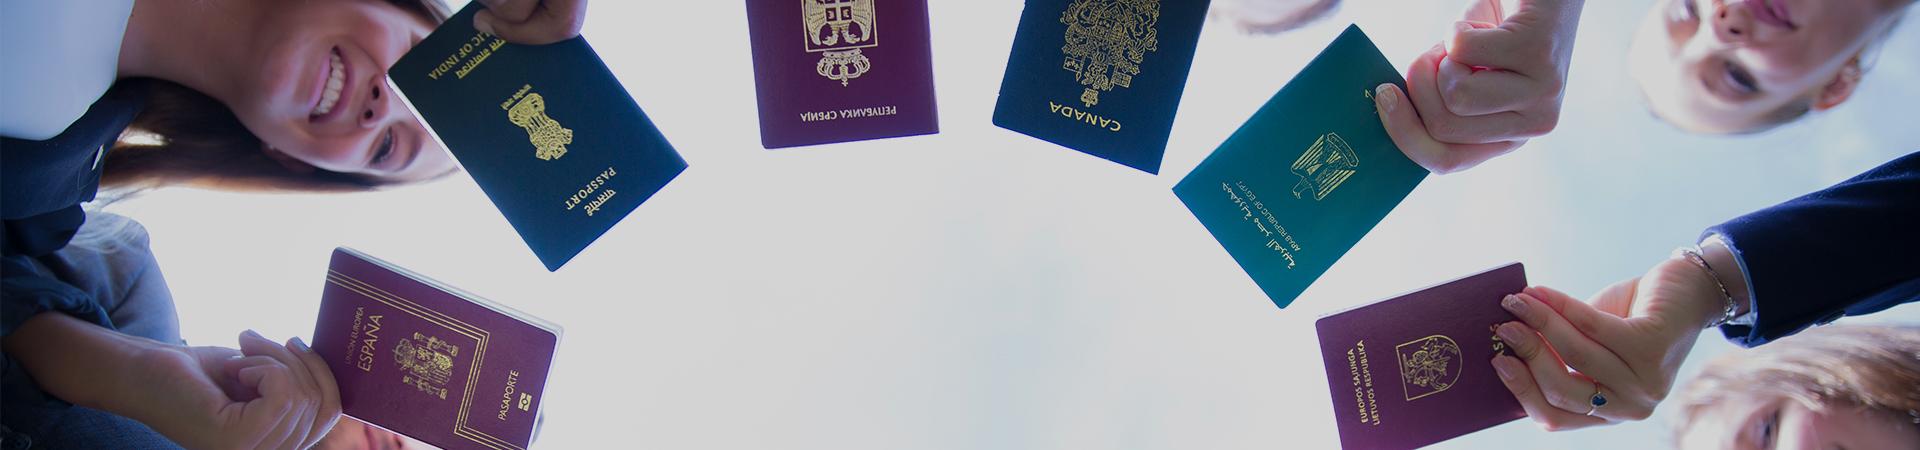 Información de como obtener visados